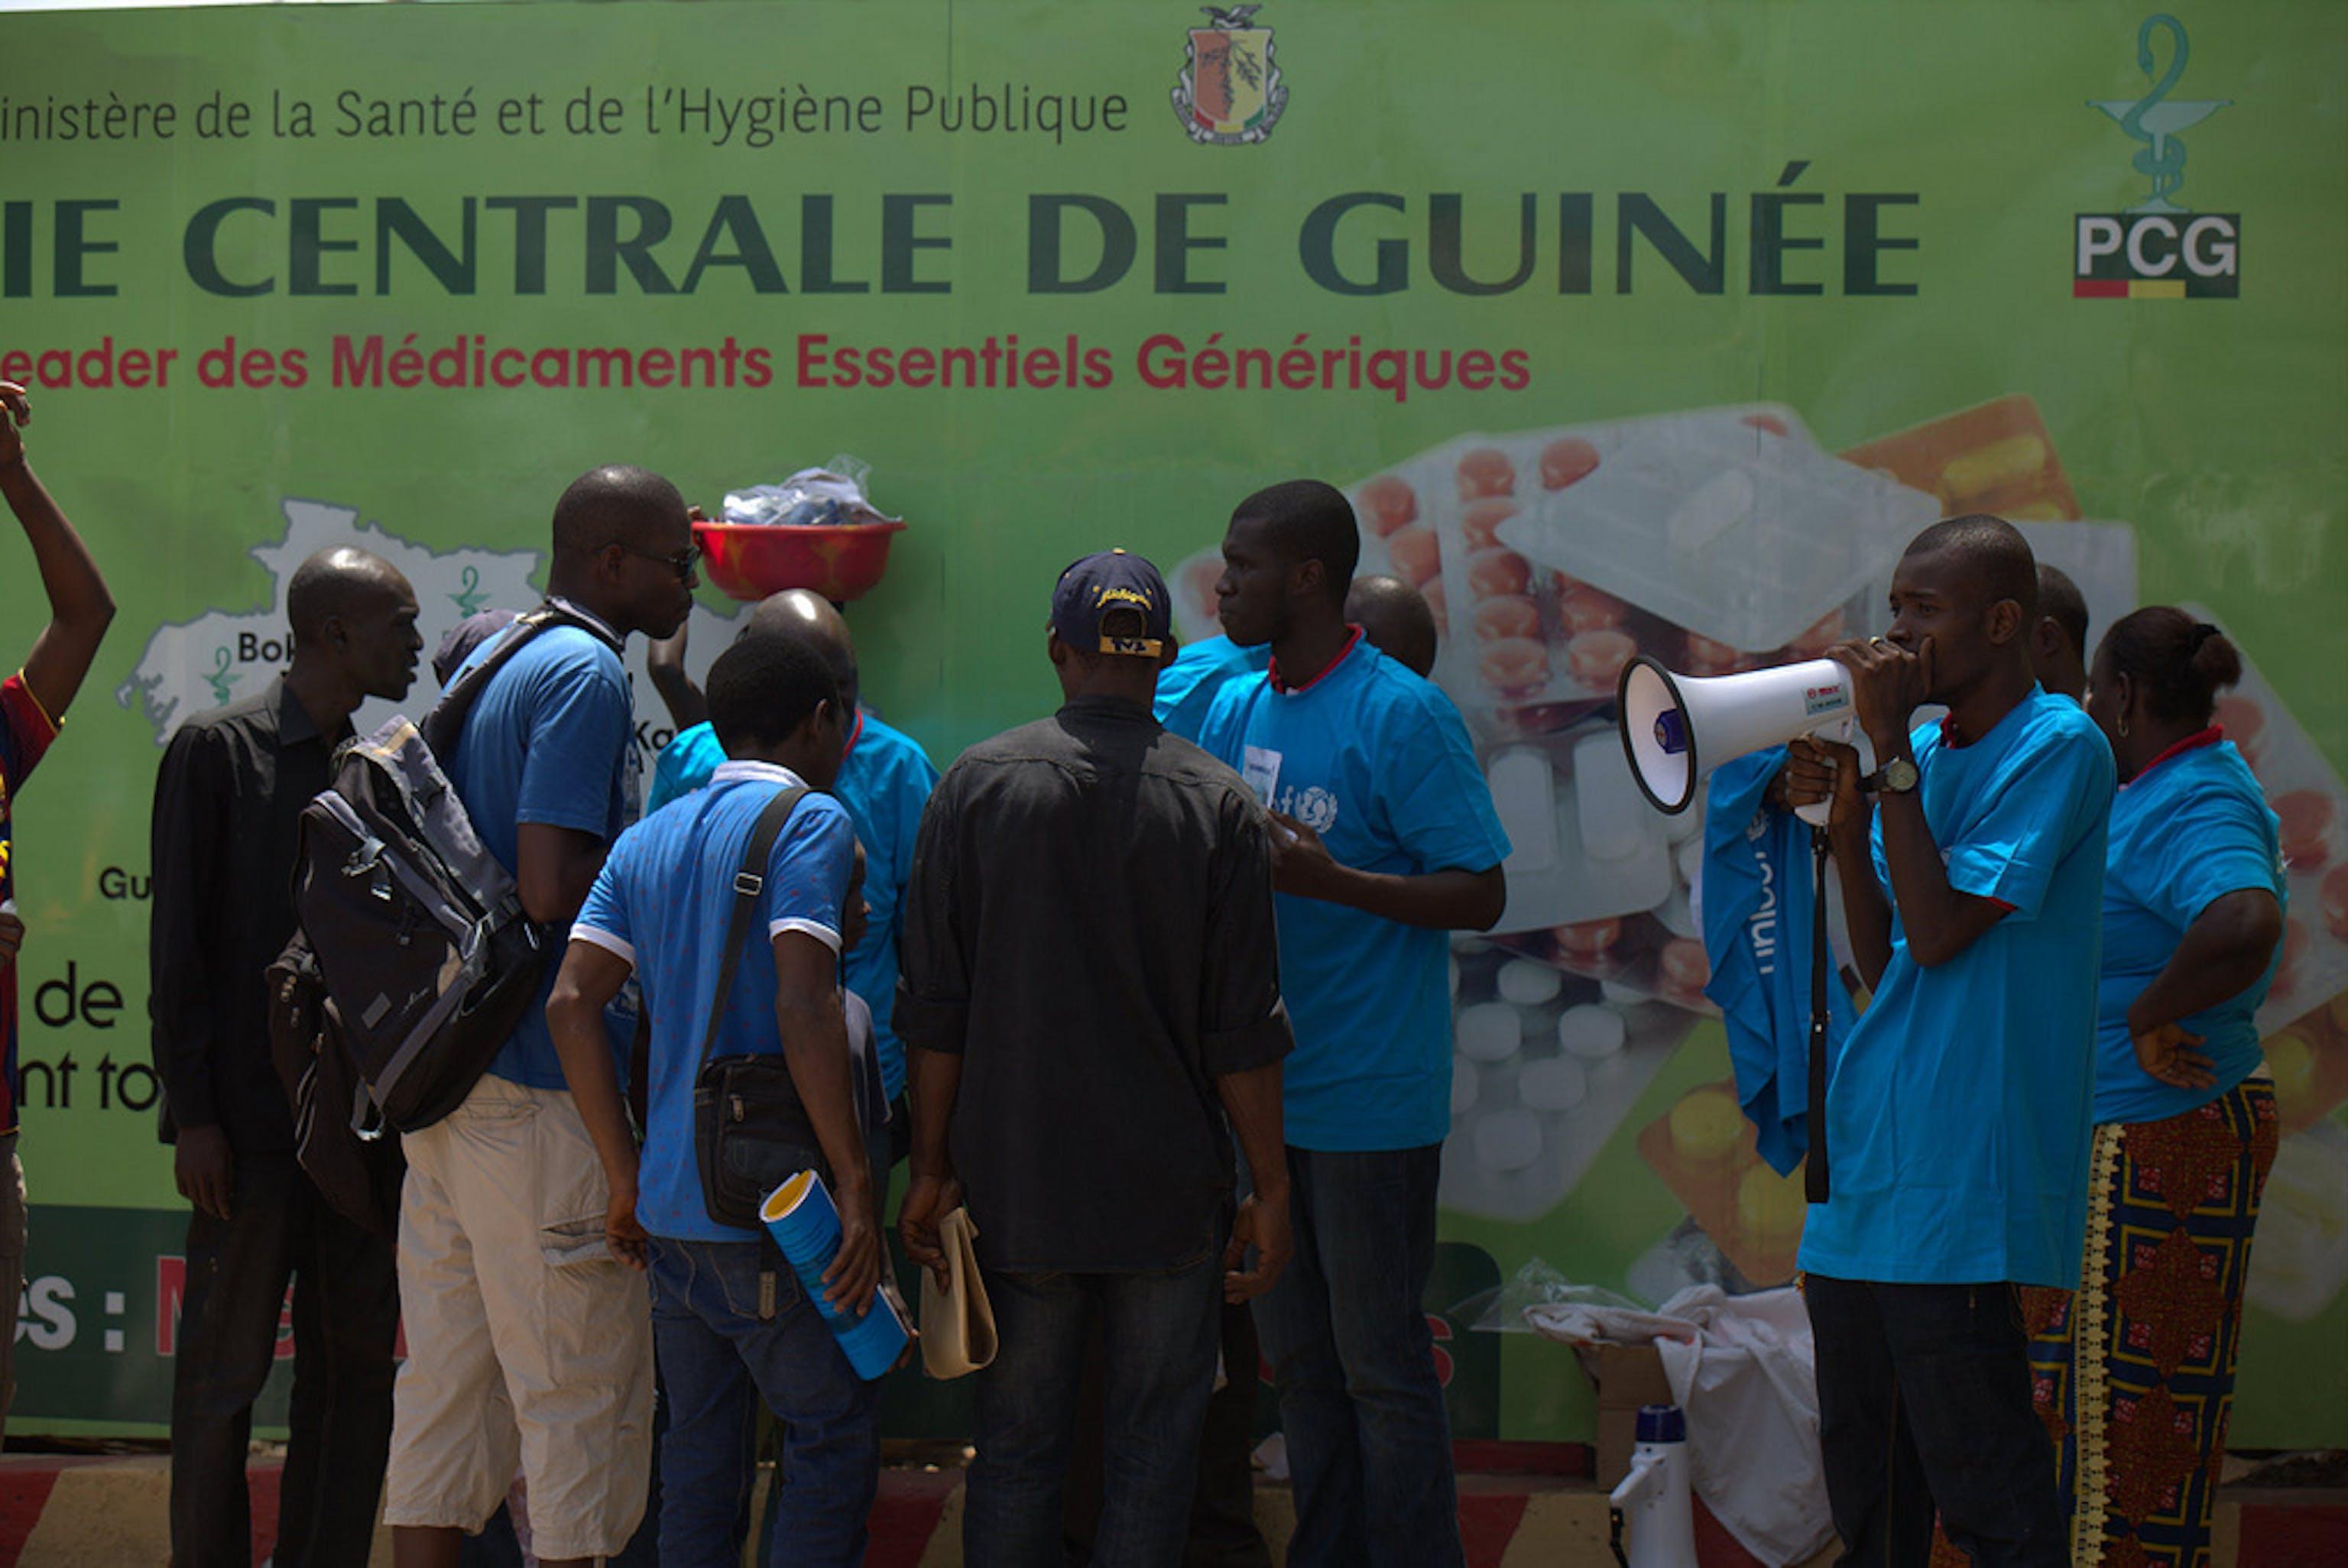 Un team sanitario dell'UNICEF avvisa la popolazione di Conakry (capitale della Guinea) sulle misure per evitare il contagio del virus Ebola - ©UNICEF Guinea/2014